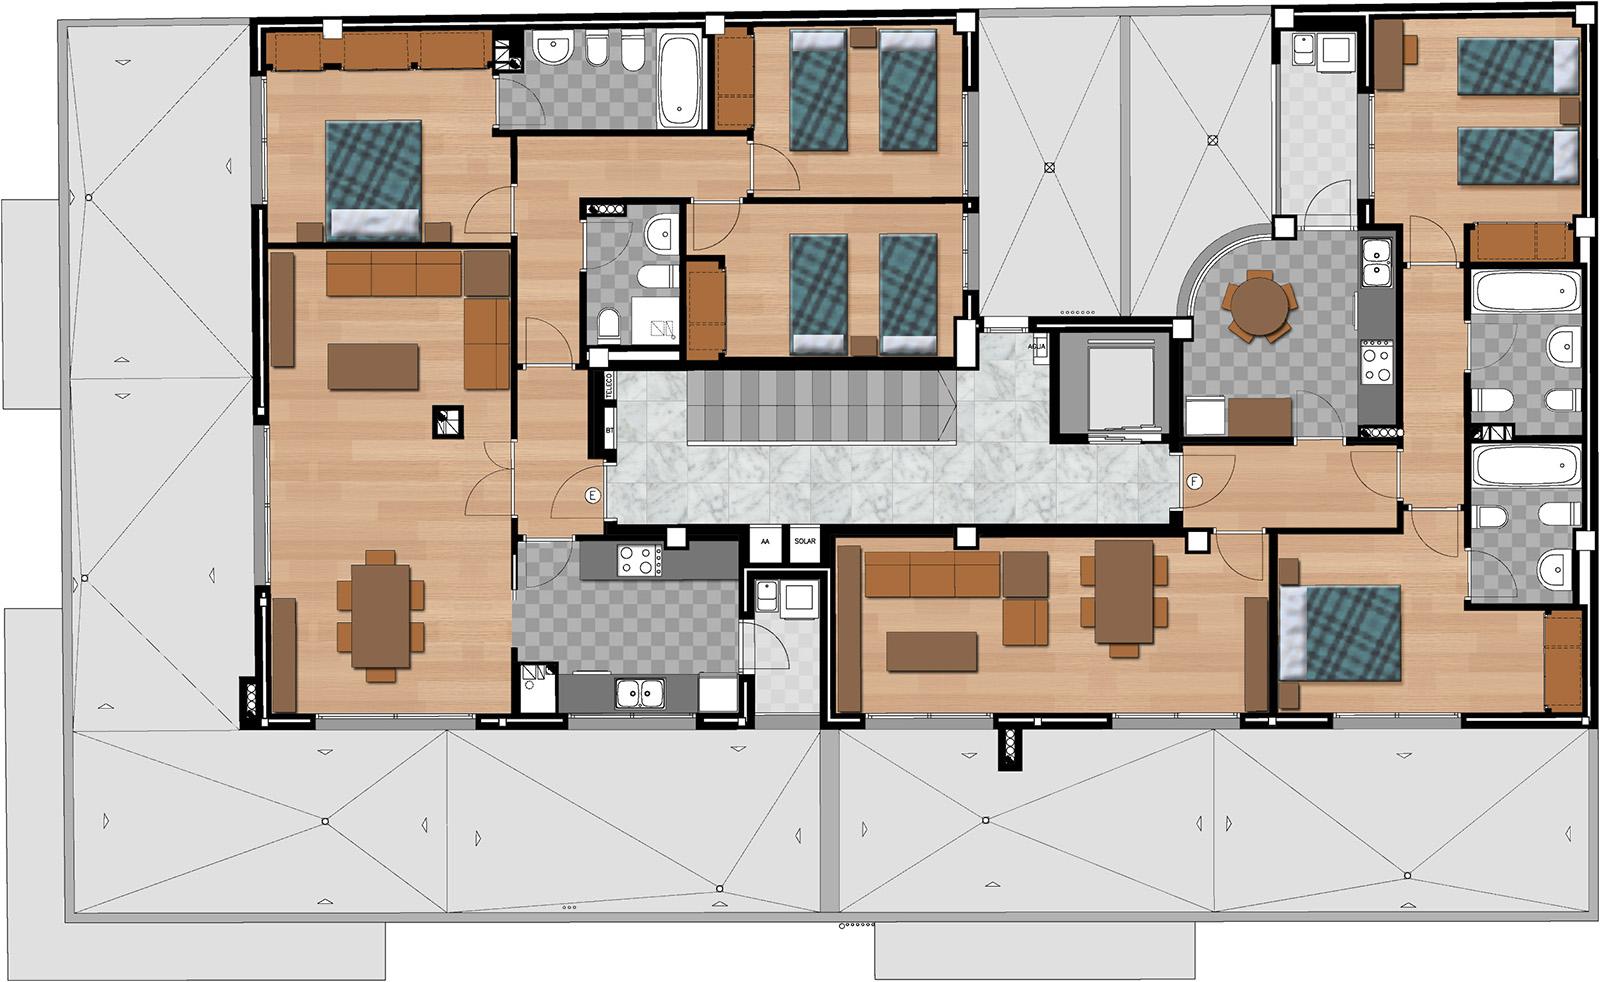 Planos 2d arquitectura y 3d valencia ardis3d proyectos for Arquitectura planos y disenos